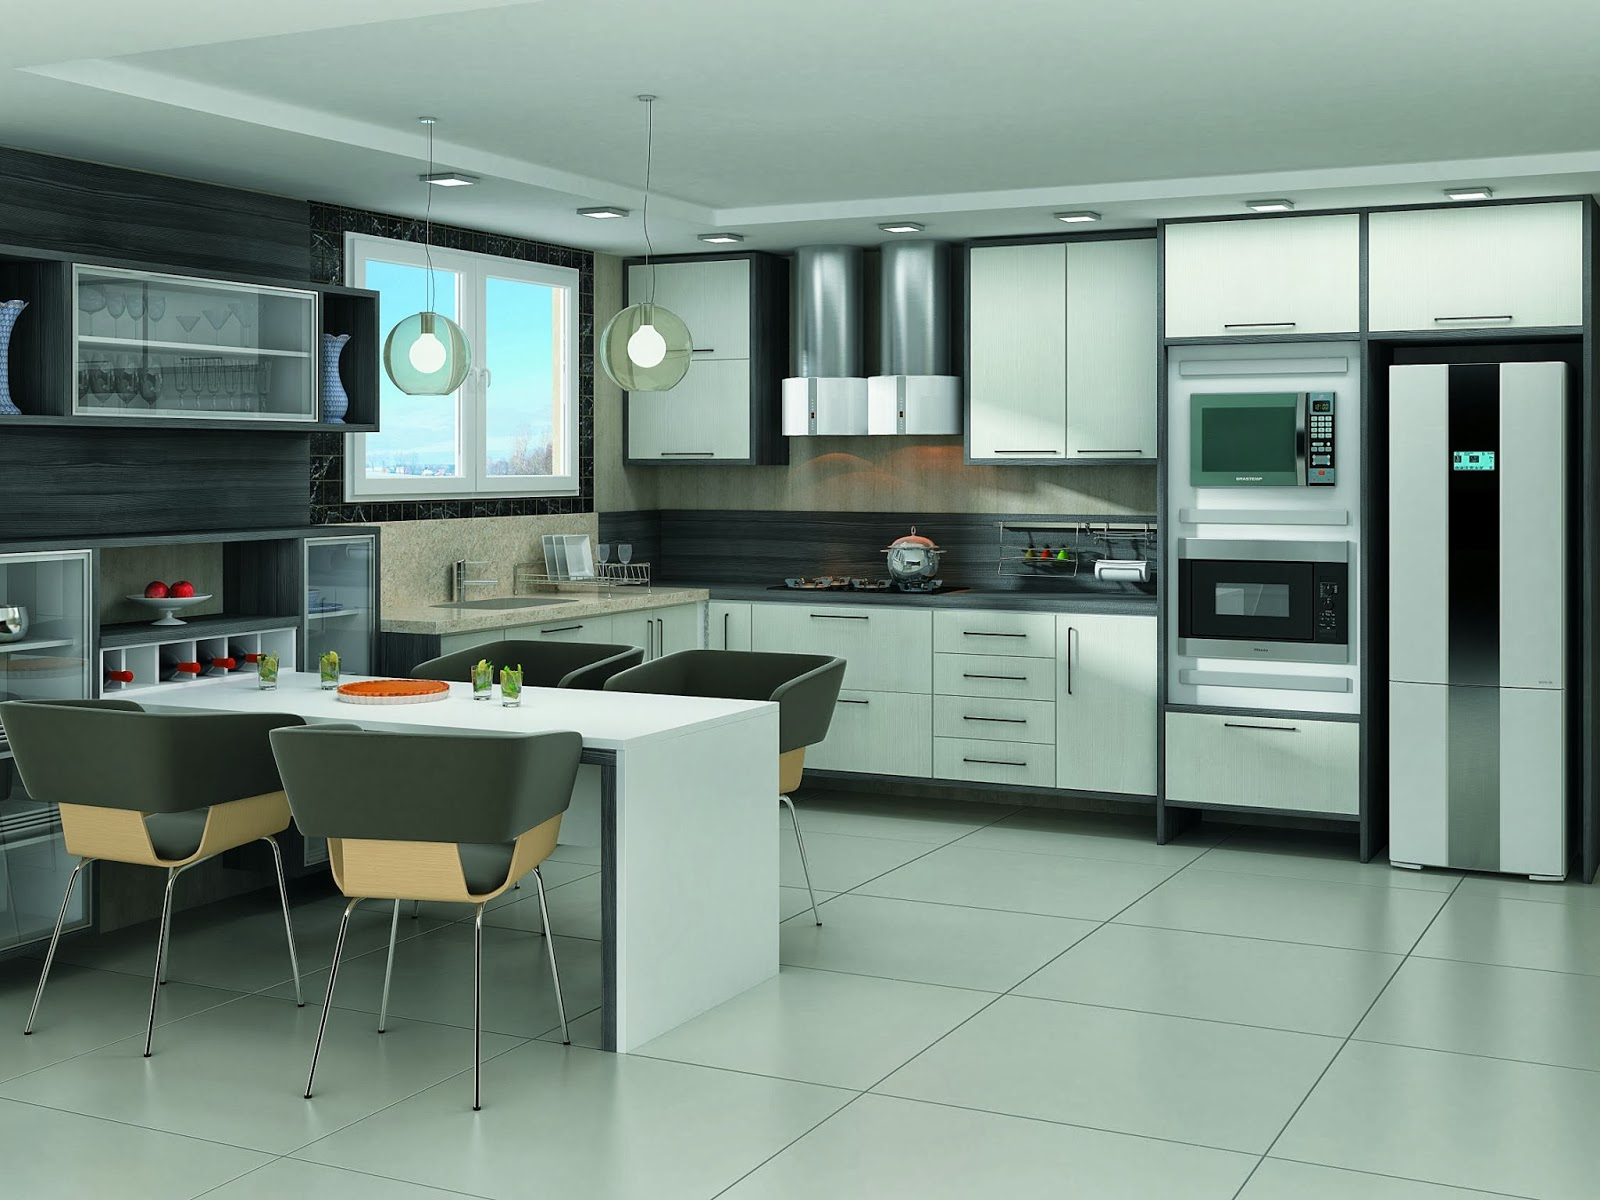 cozinhas pequenas em l pequenas e projetos decora o Car Pictures #887343 1600 1200